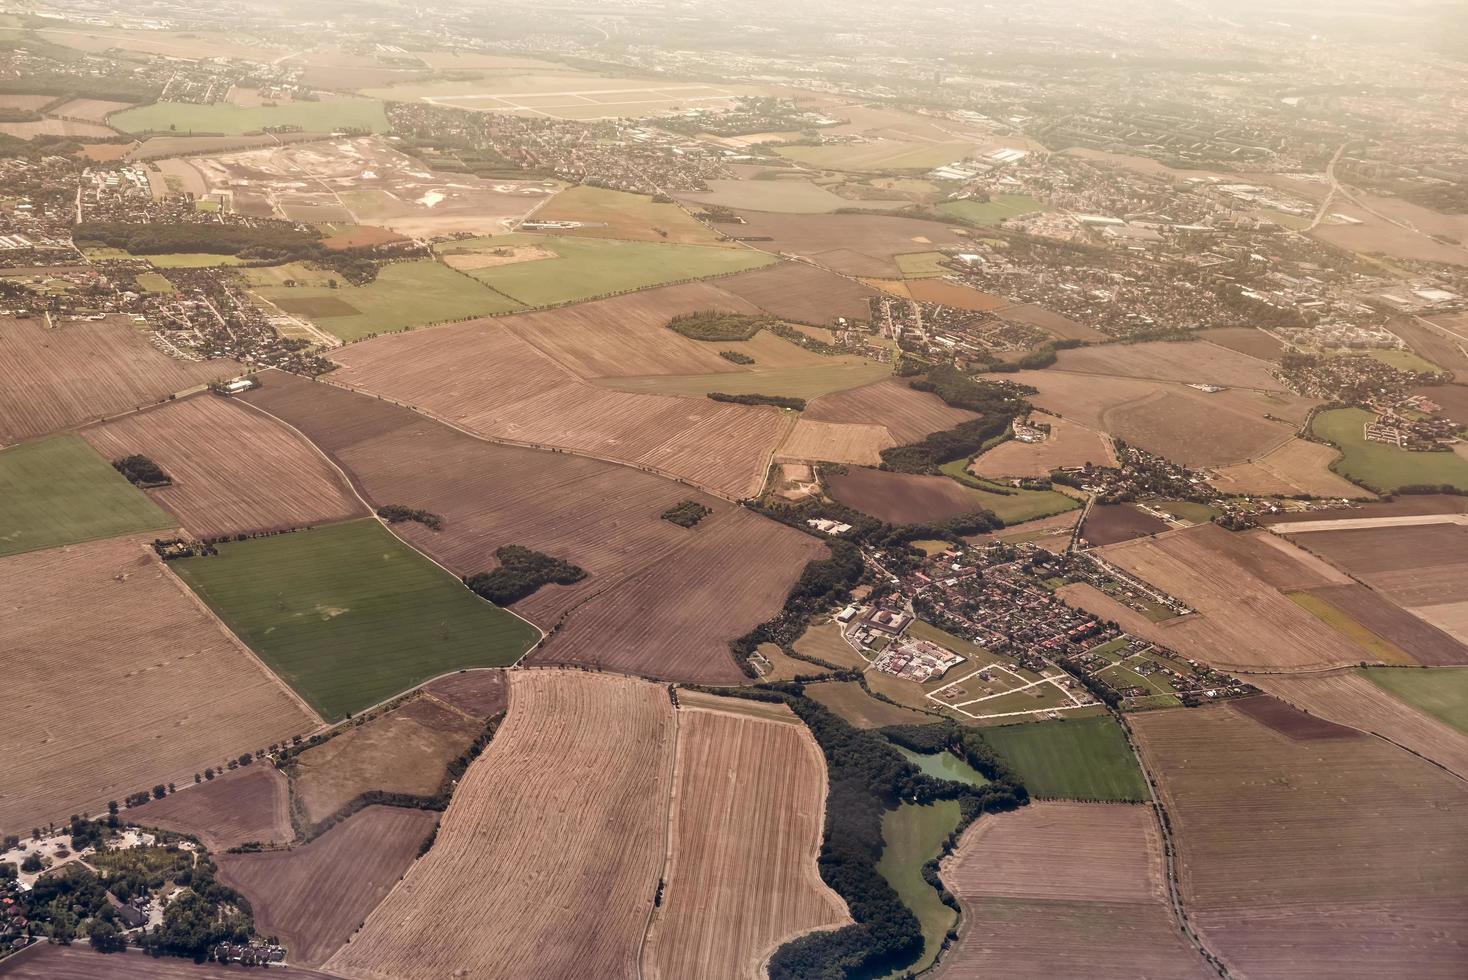 Luftaufnahme von landwirtschaftlichen Feldern foto